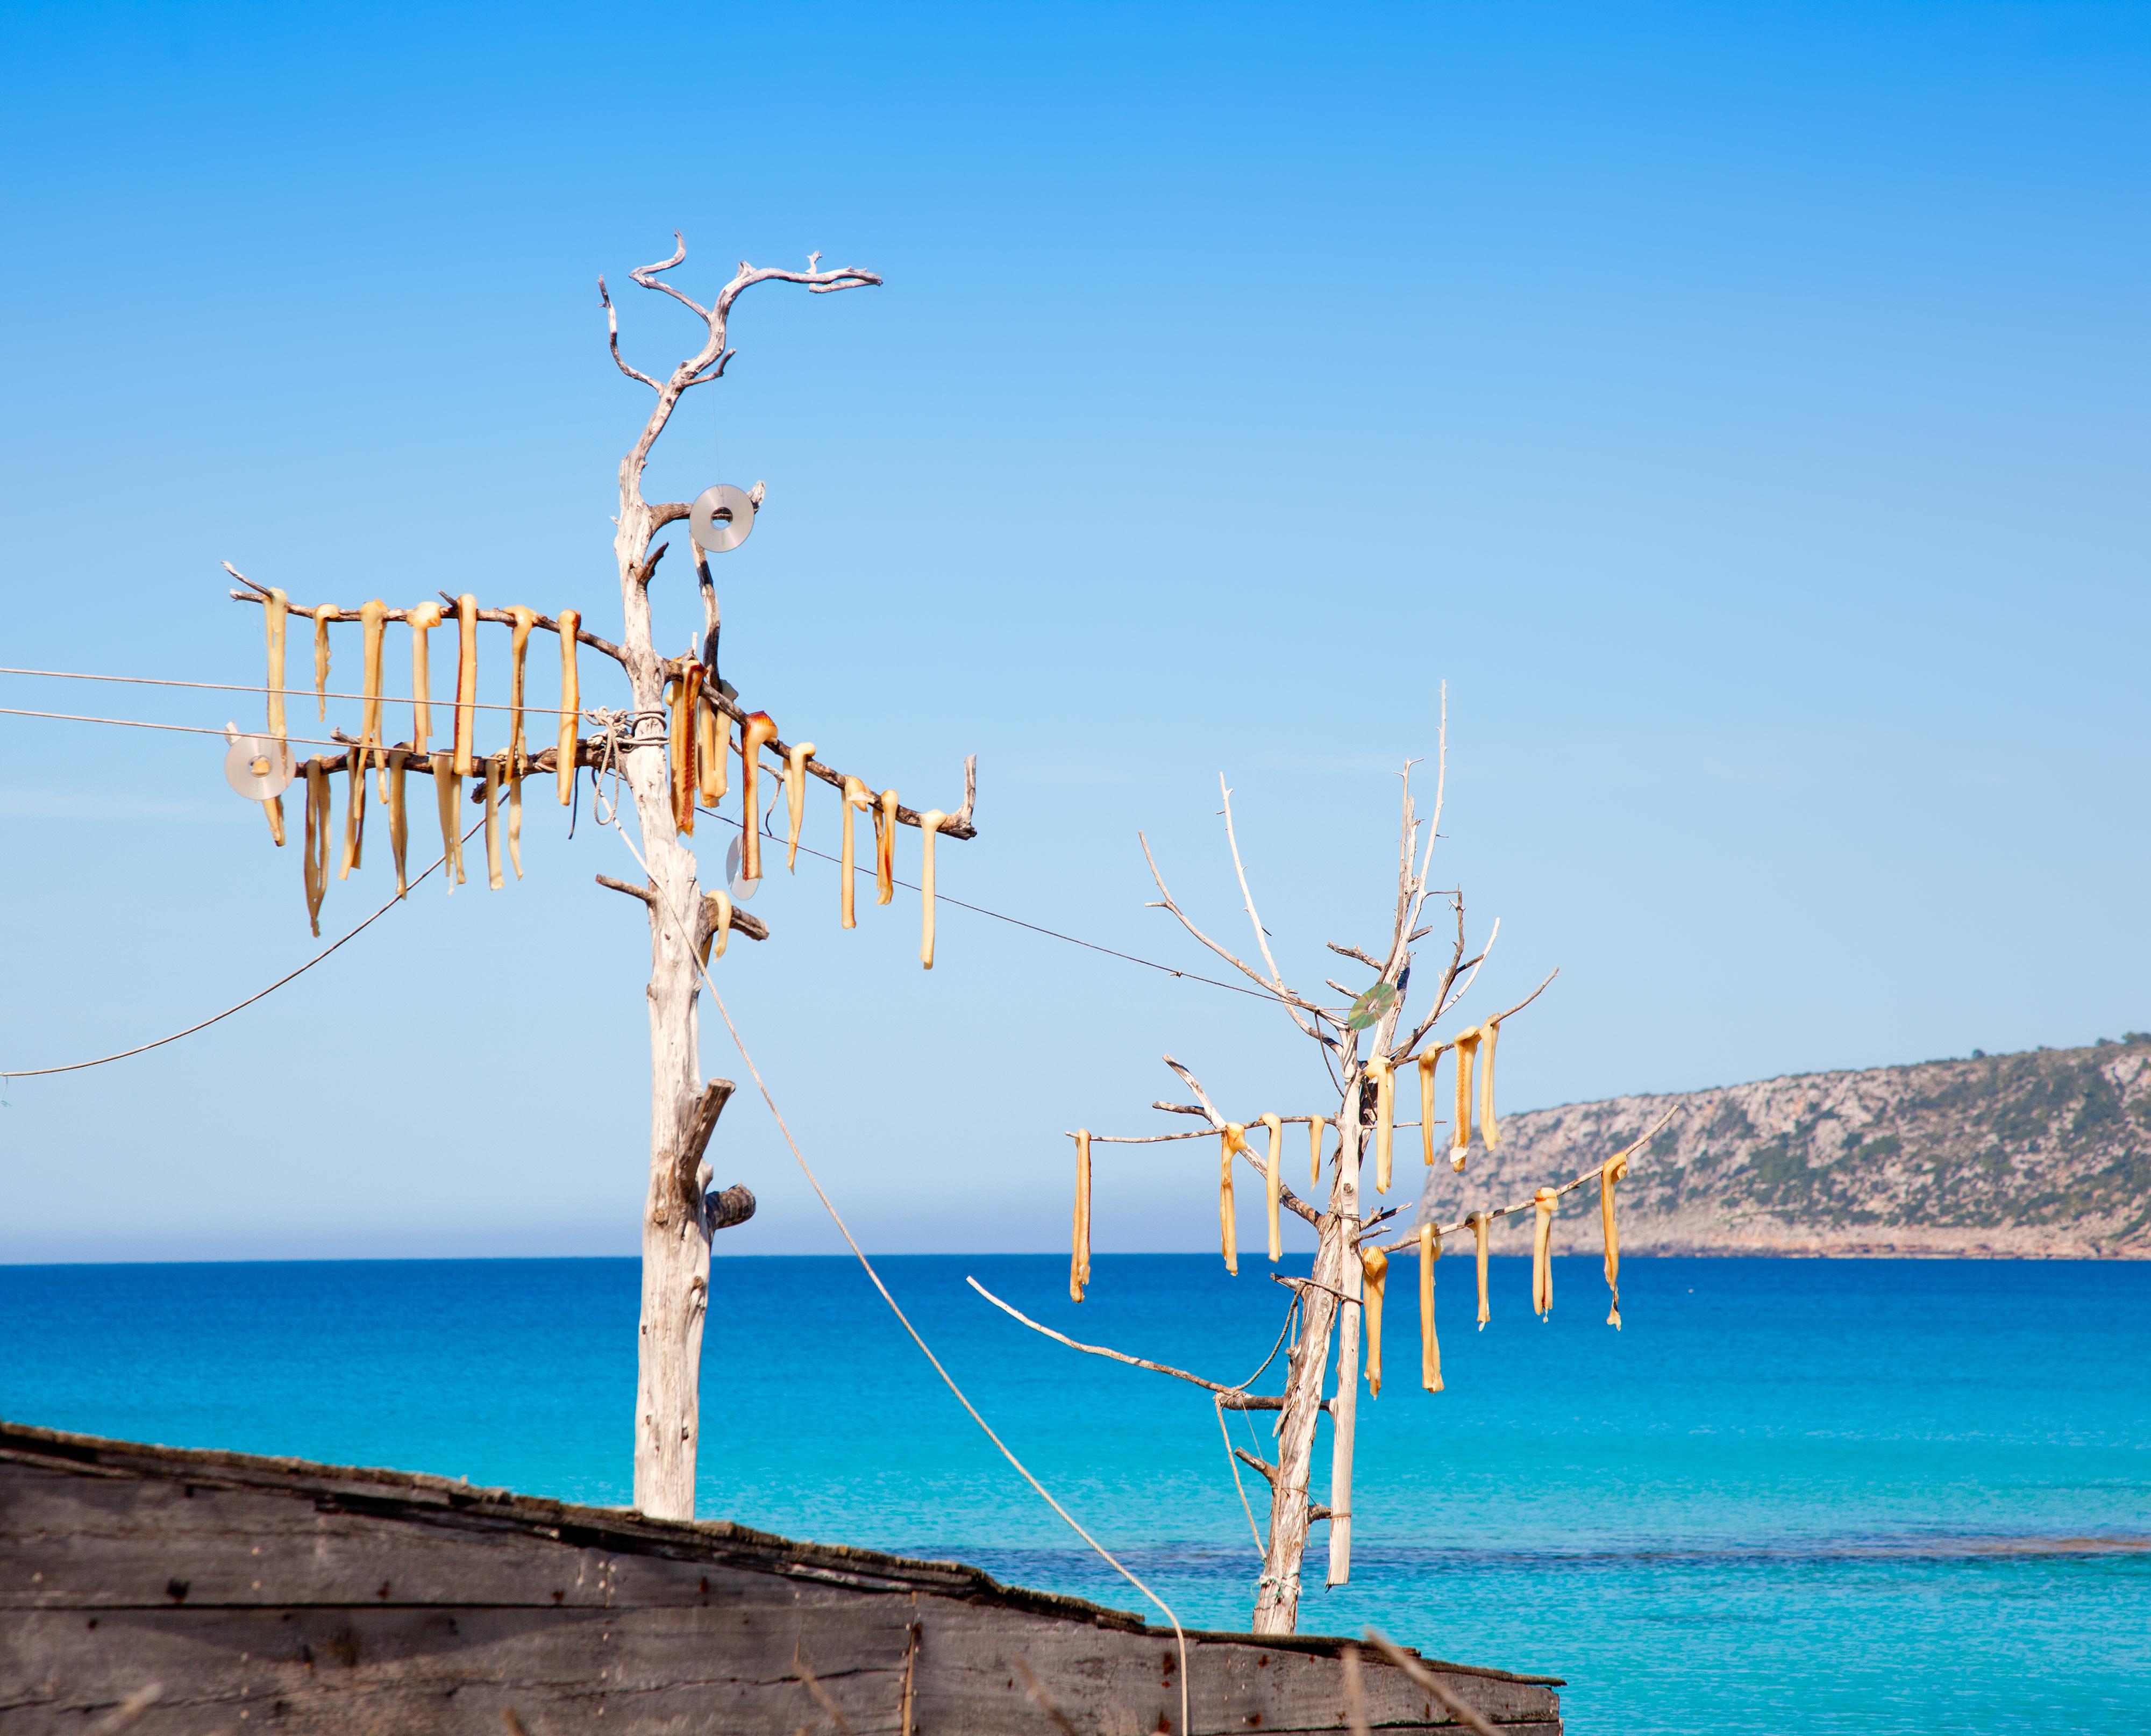 Proceso de secado natural del pescado, a la brisa y al sol de Formentera. Foto: shutterstock.